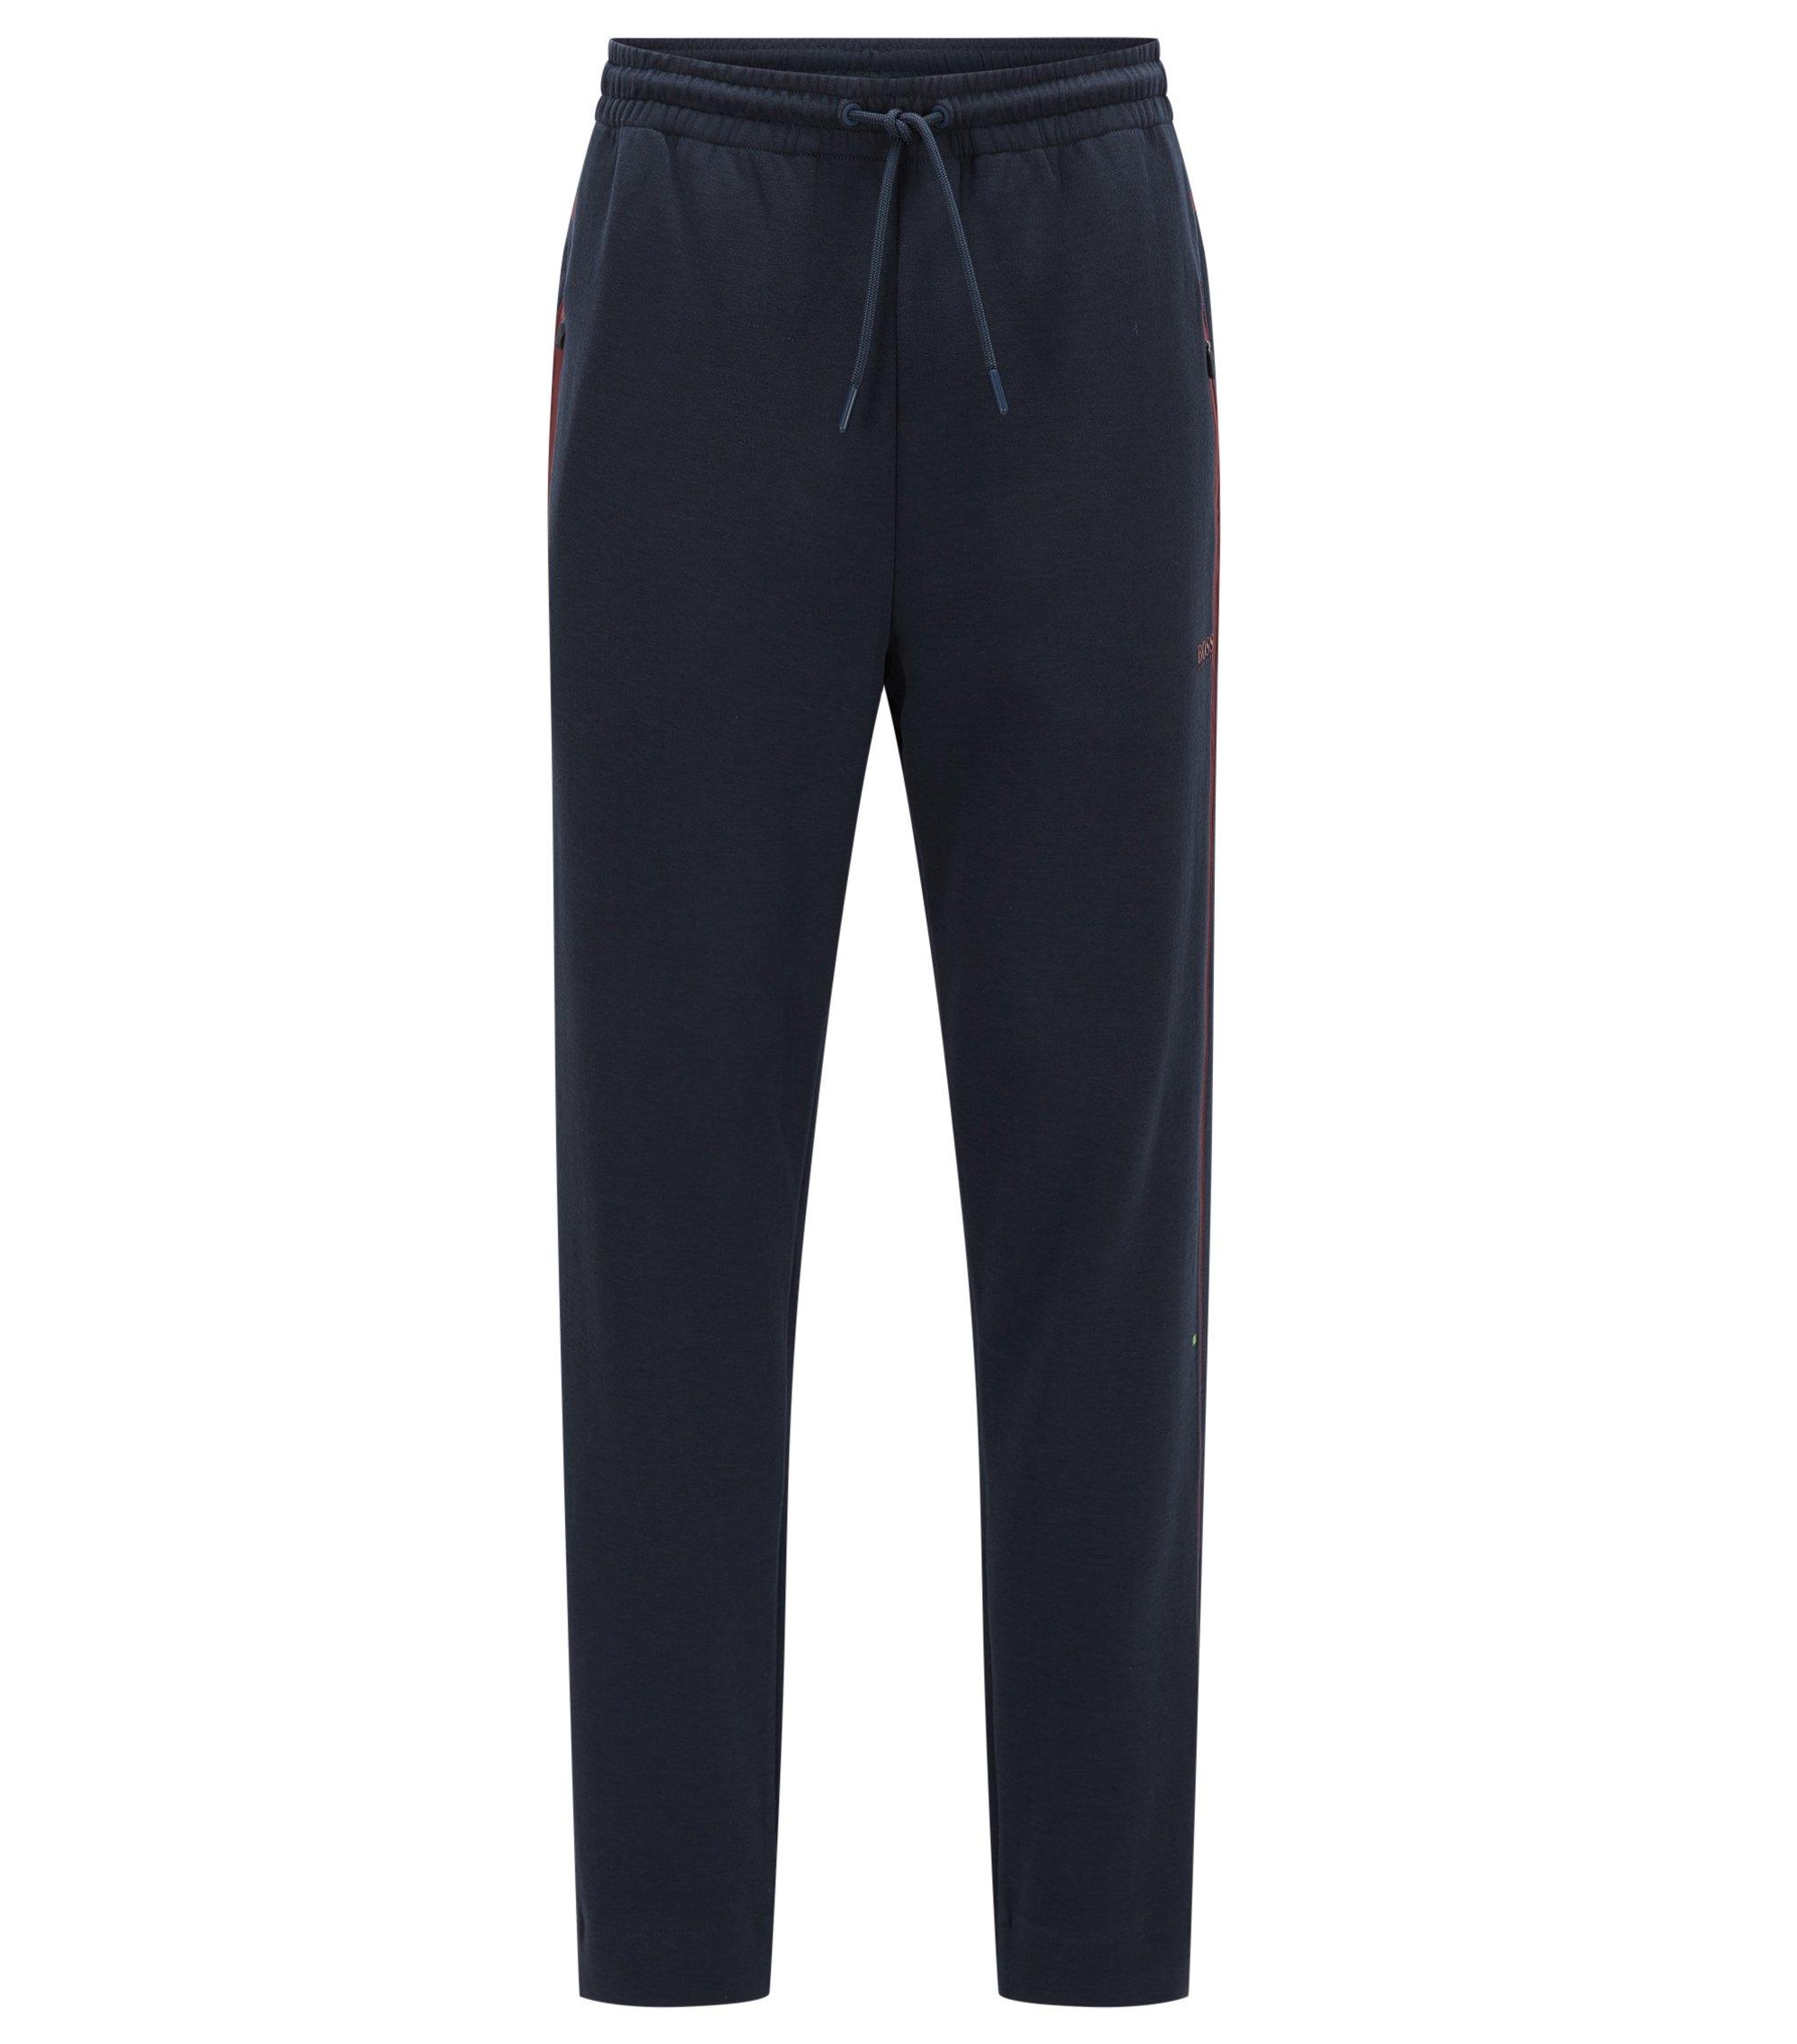 Pantaloni regular fit in jersey di misto cotone con righe a contrasto, Blu scuro